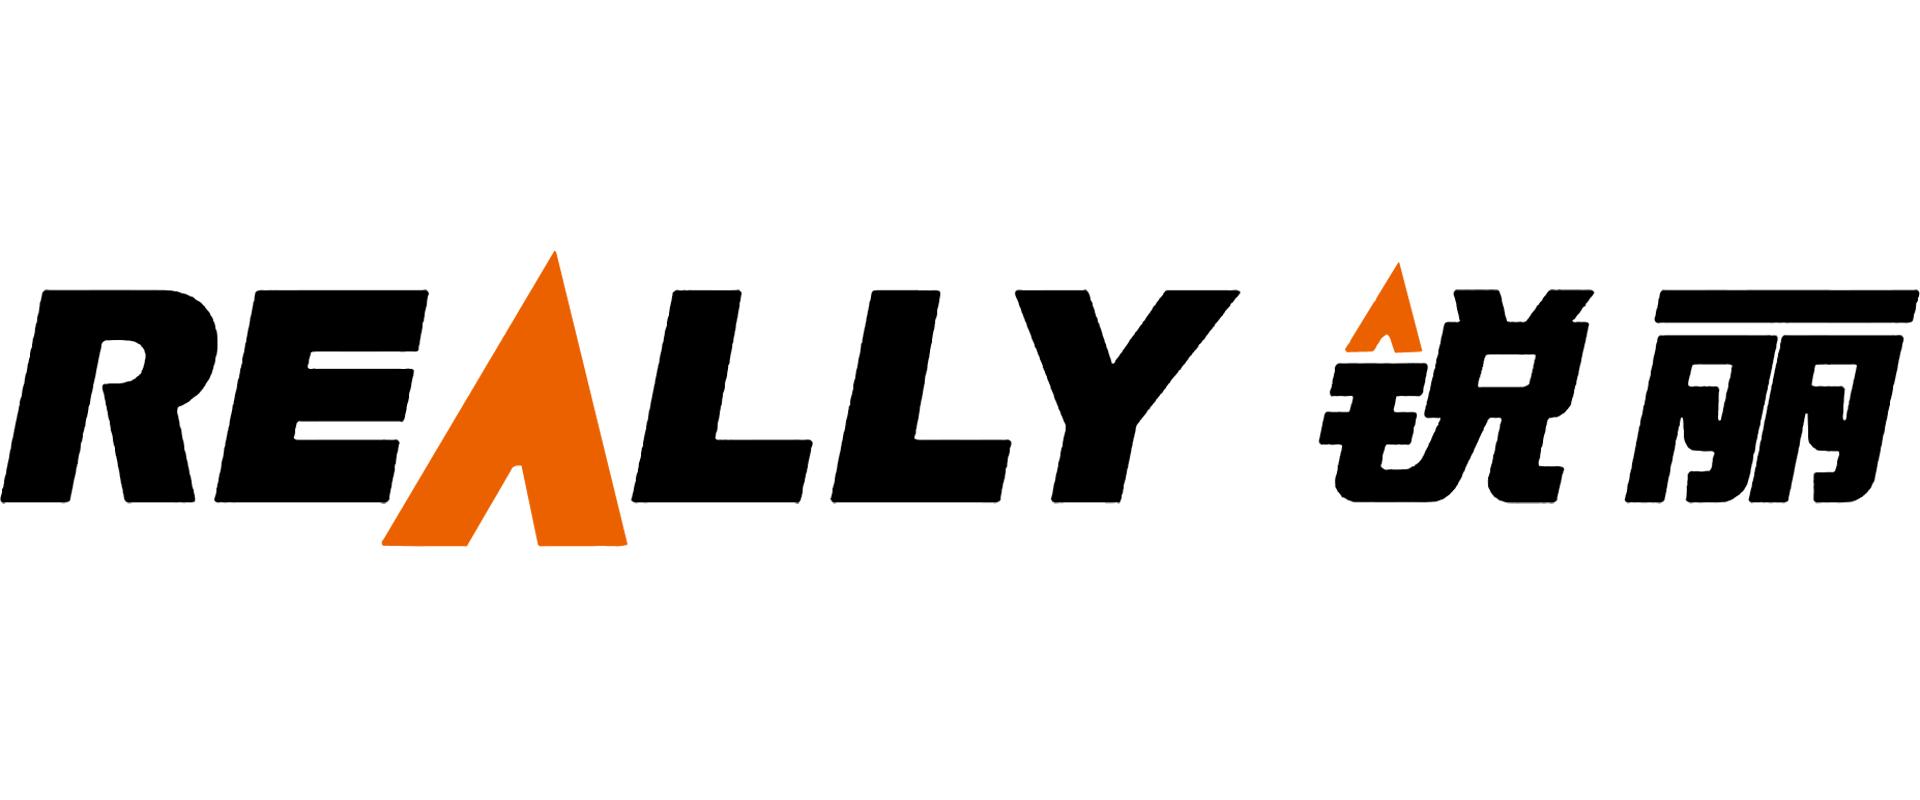 上海锐丽科技股份有限公司(锐丽Really)简况——锐丽Really产品品牌商标Logo标志